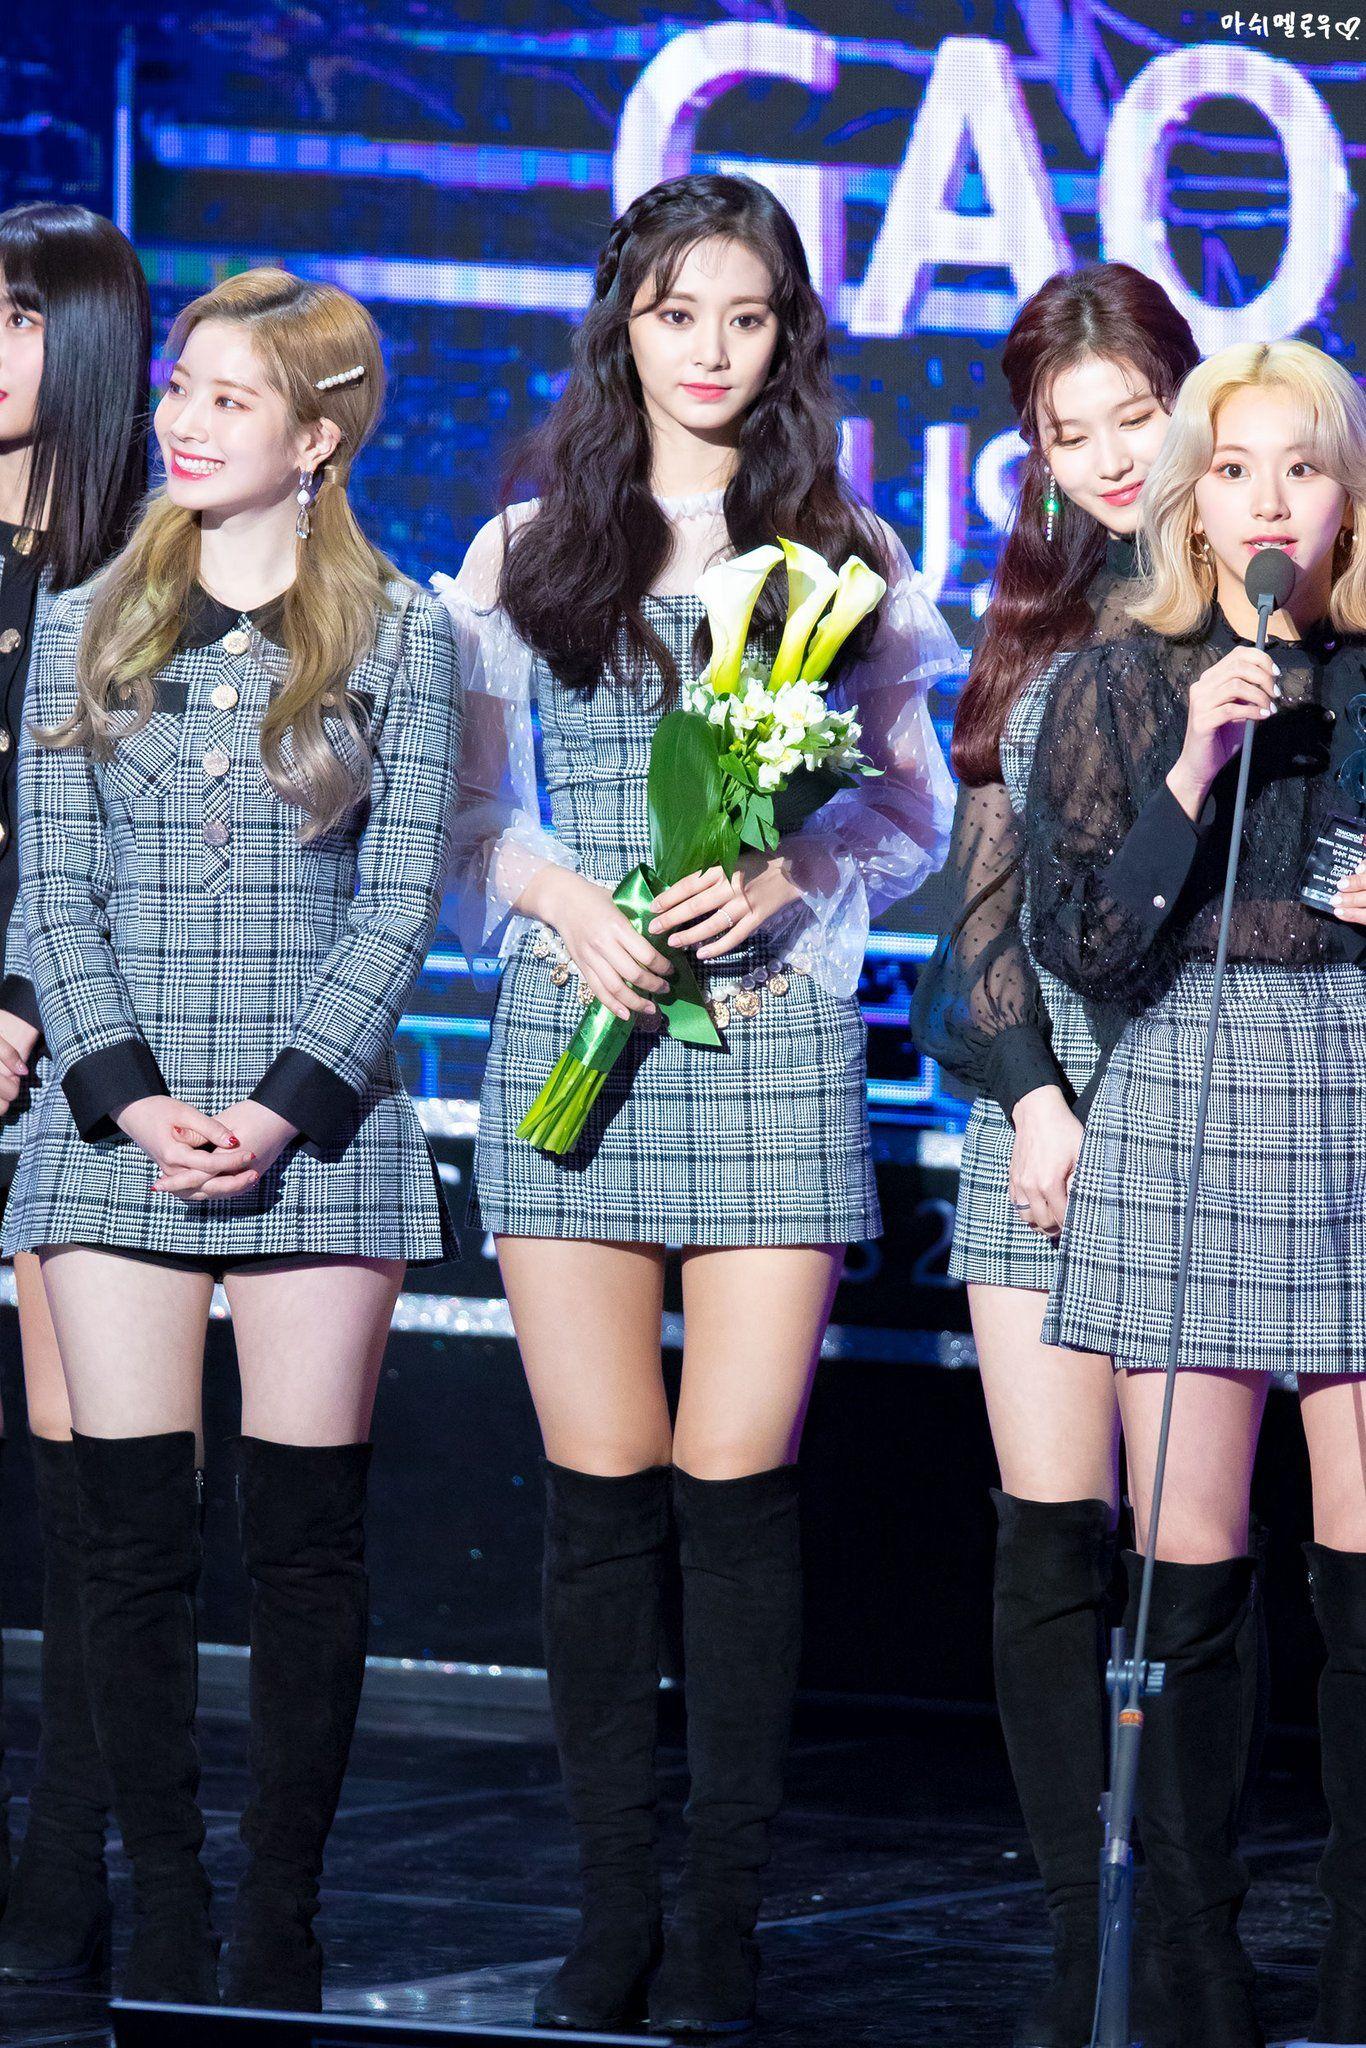 190123 8th GAON CHART MUSIC AWARDS 2018 dahyun tzuyu chaeyoung